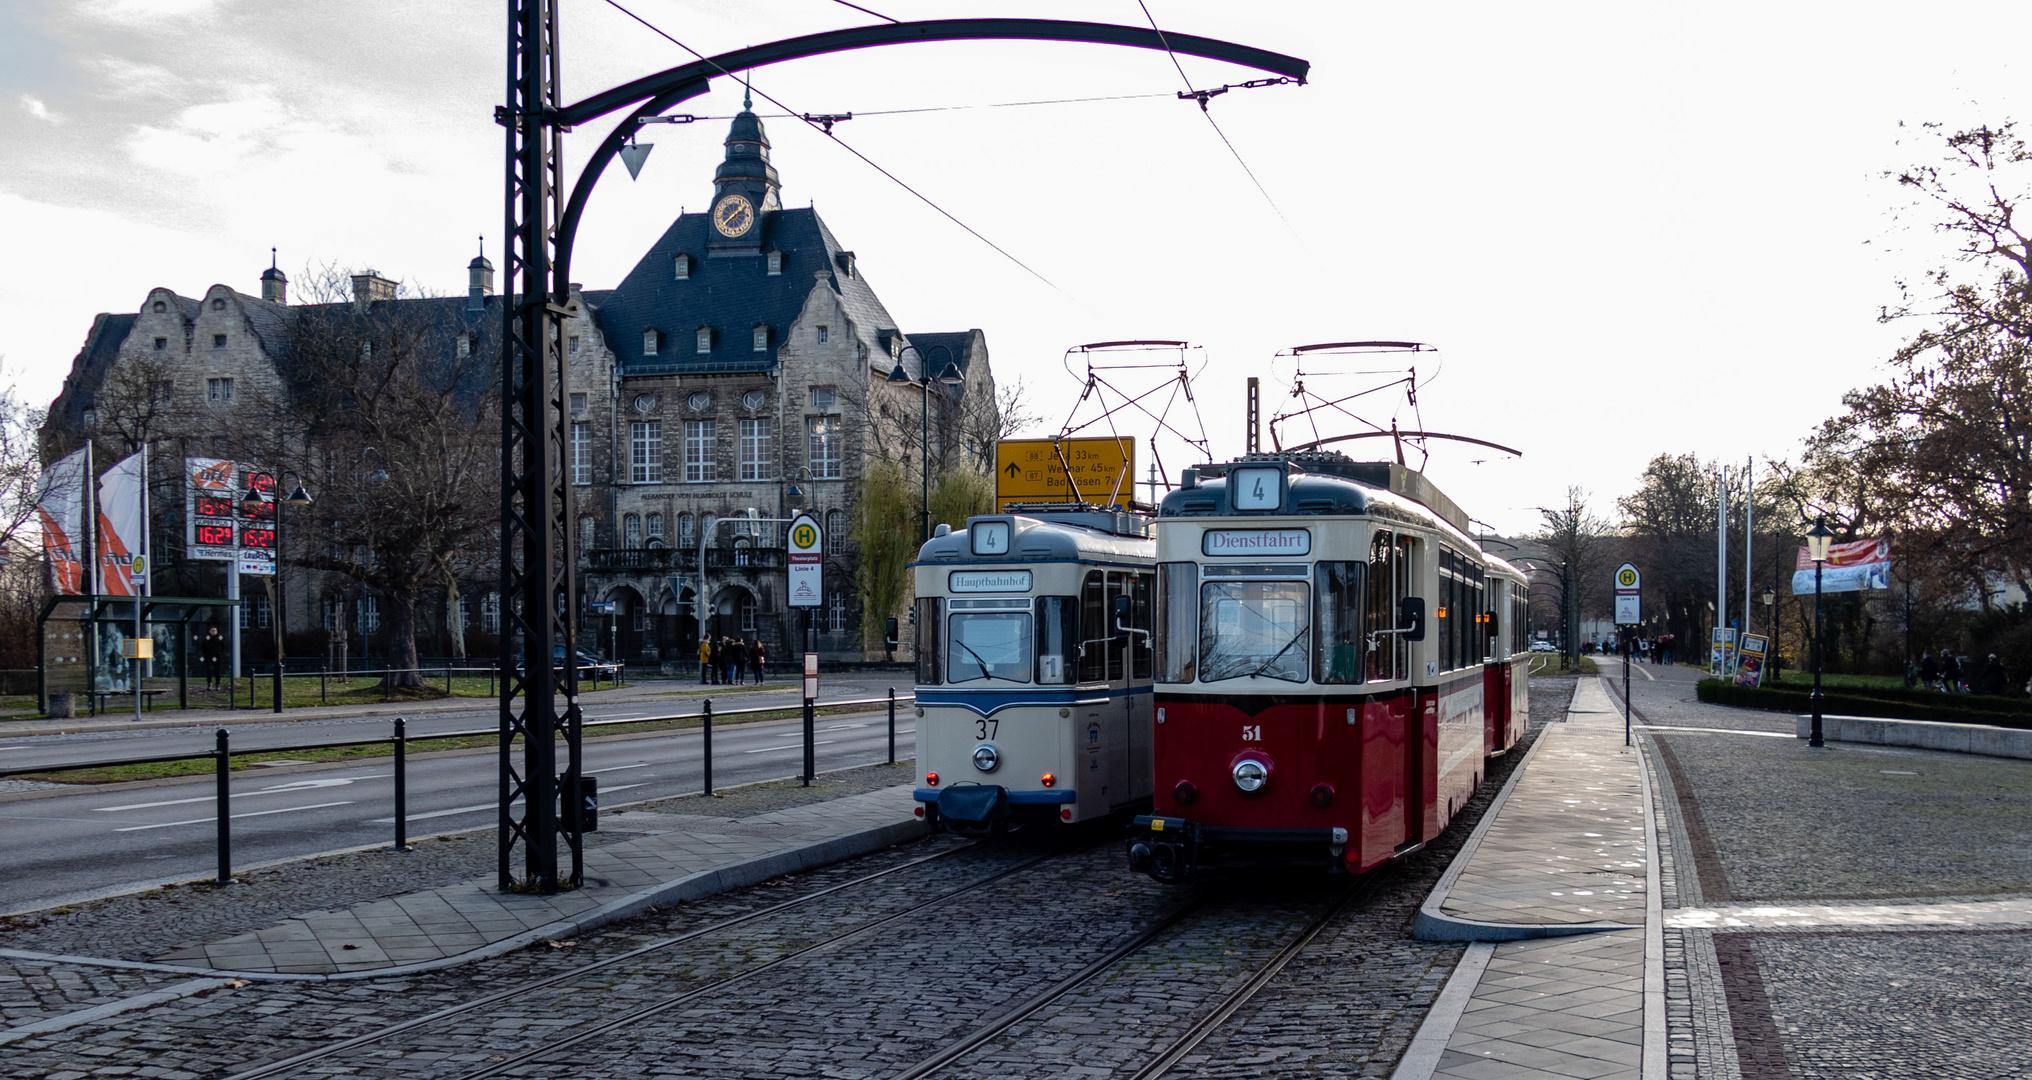 Begegnung der Straßenbahn in Naumburg